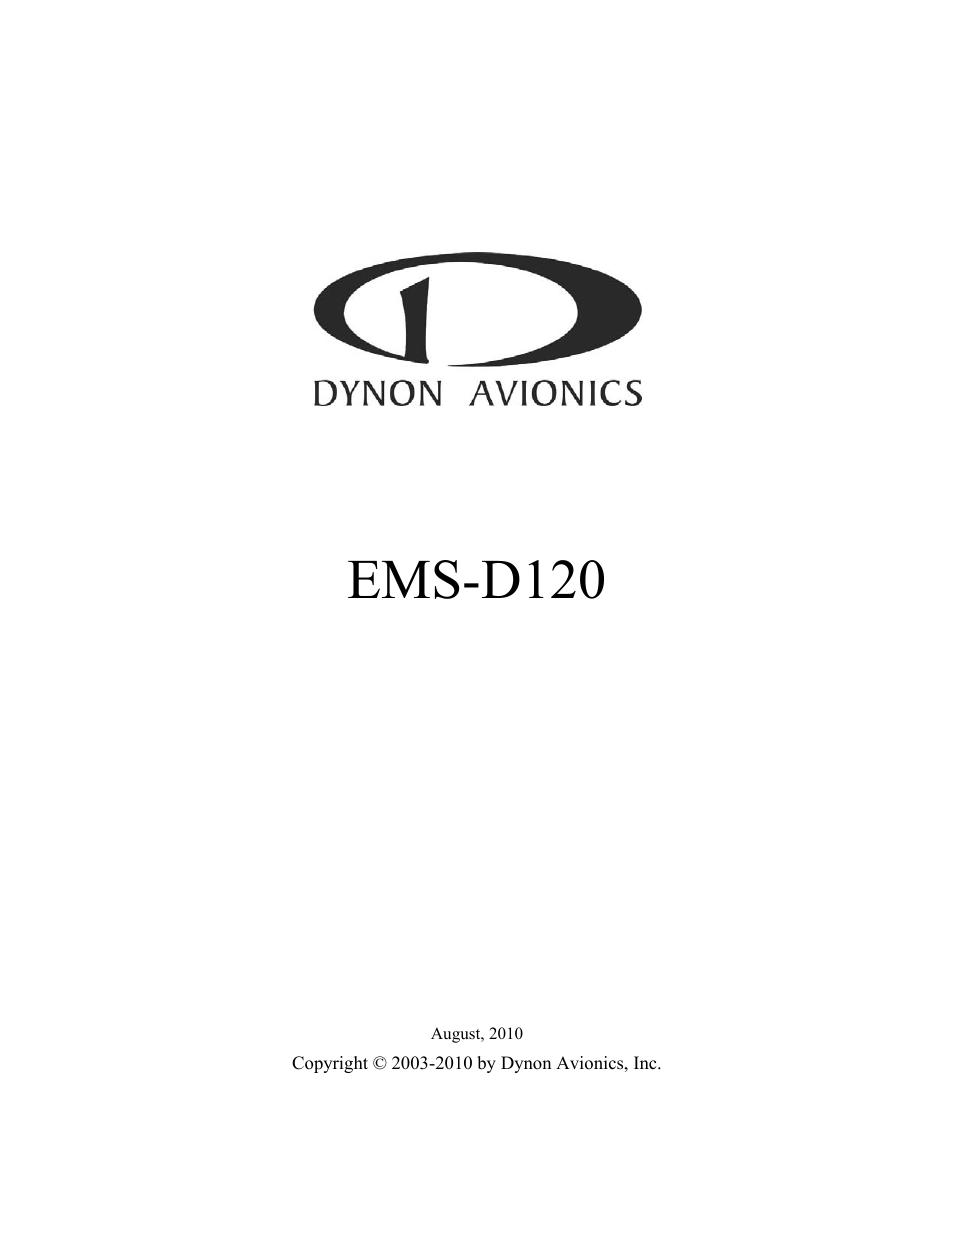 dynon avionics ems